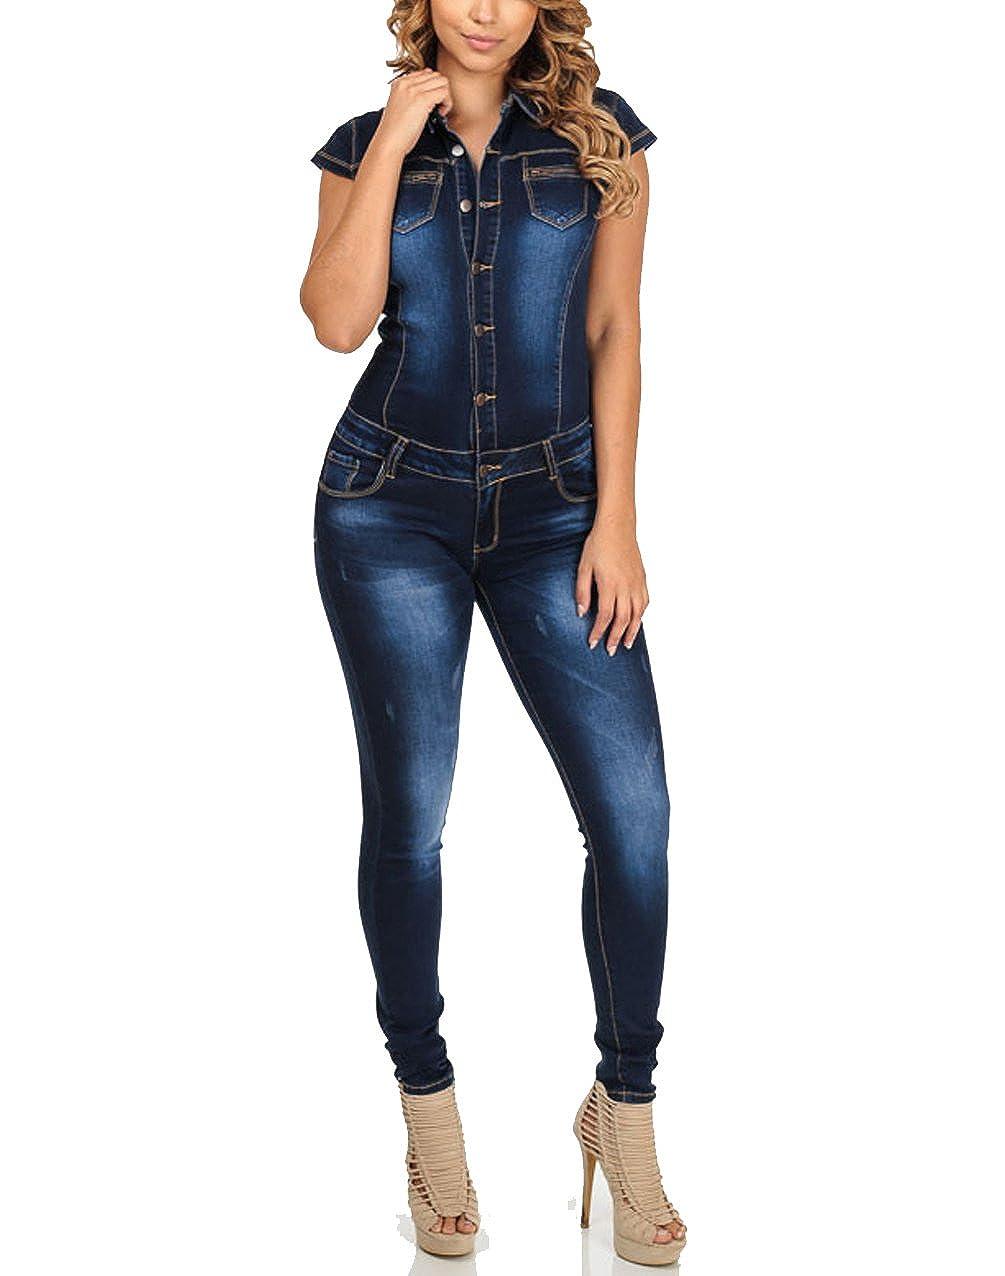 TALLA L. Nuevo Caliente Vaqueros de Mujeres Slim Rompers Bodysuit Pantalones Jeans Monos Pantalones Jumpsuits Para Fiestas de Cóctel,Mujer De Vestir Vaqueros Largos Verano Elegantes Sin Mangas Vaqueros